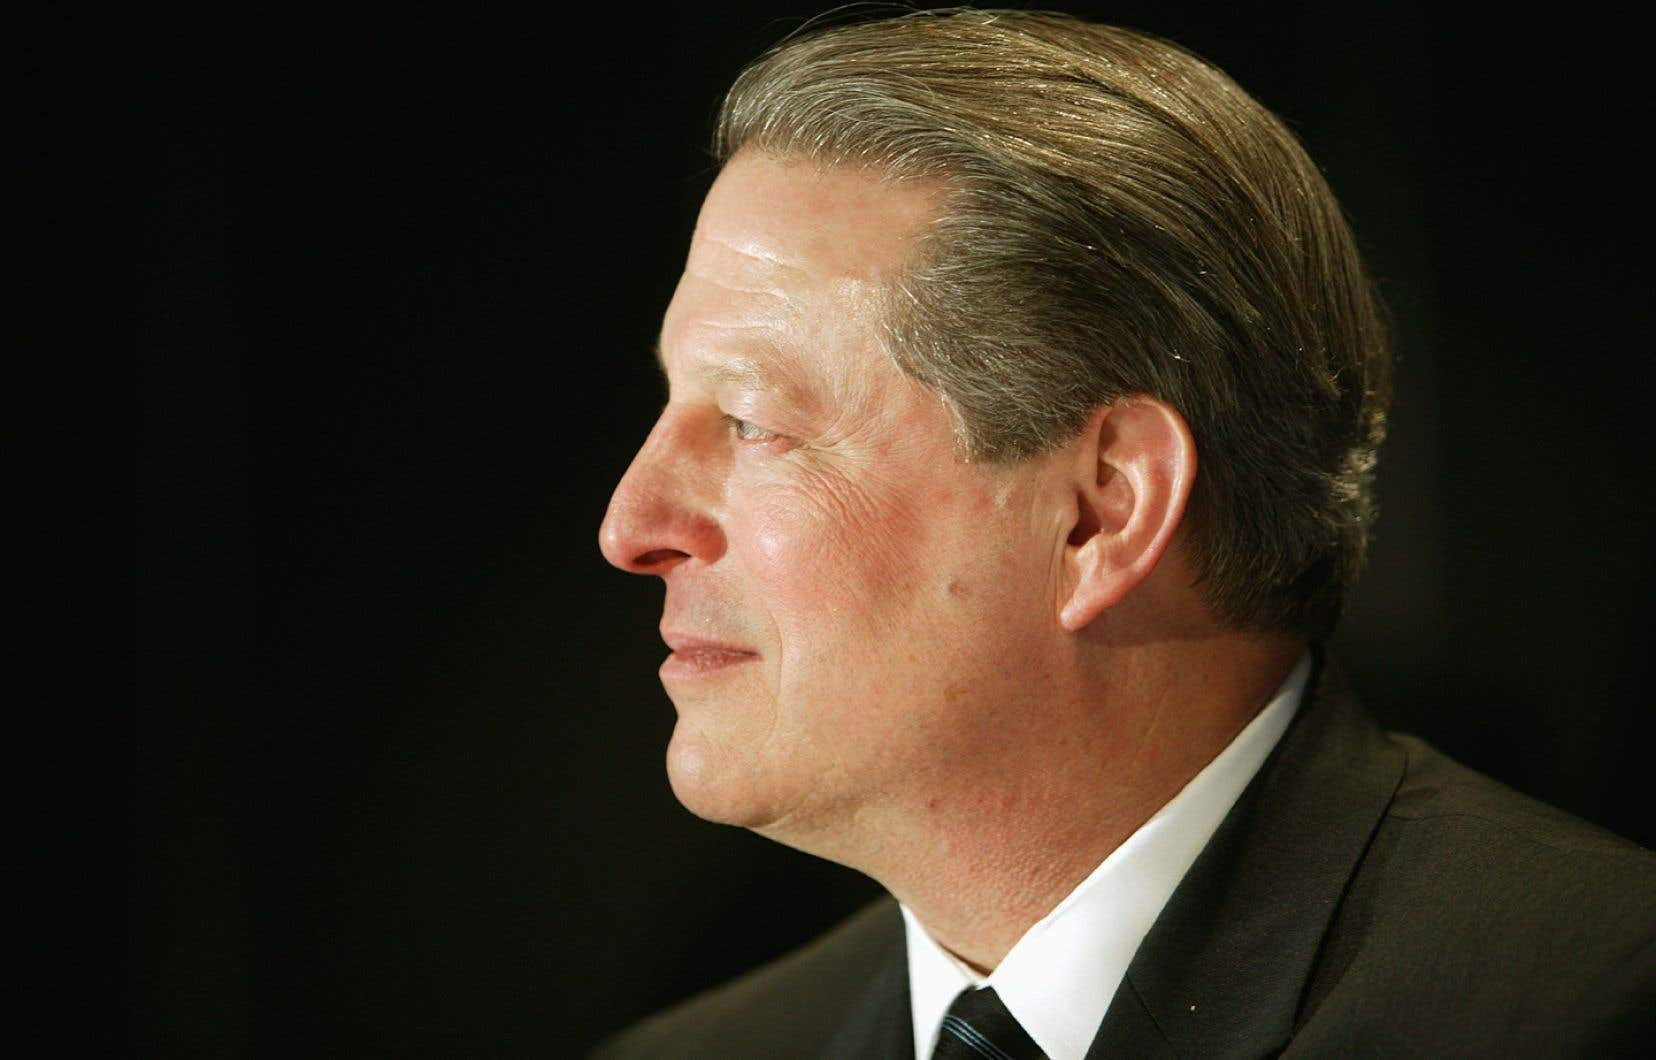 «Les événements météorologiques extrêmes liés à la crise climatique sont devenus trop massifs et trop fréquents pour être ignorés», croit le Co lauréat du prix Nobel de la paix en 2007, Al Gore.